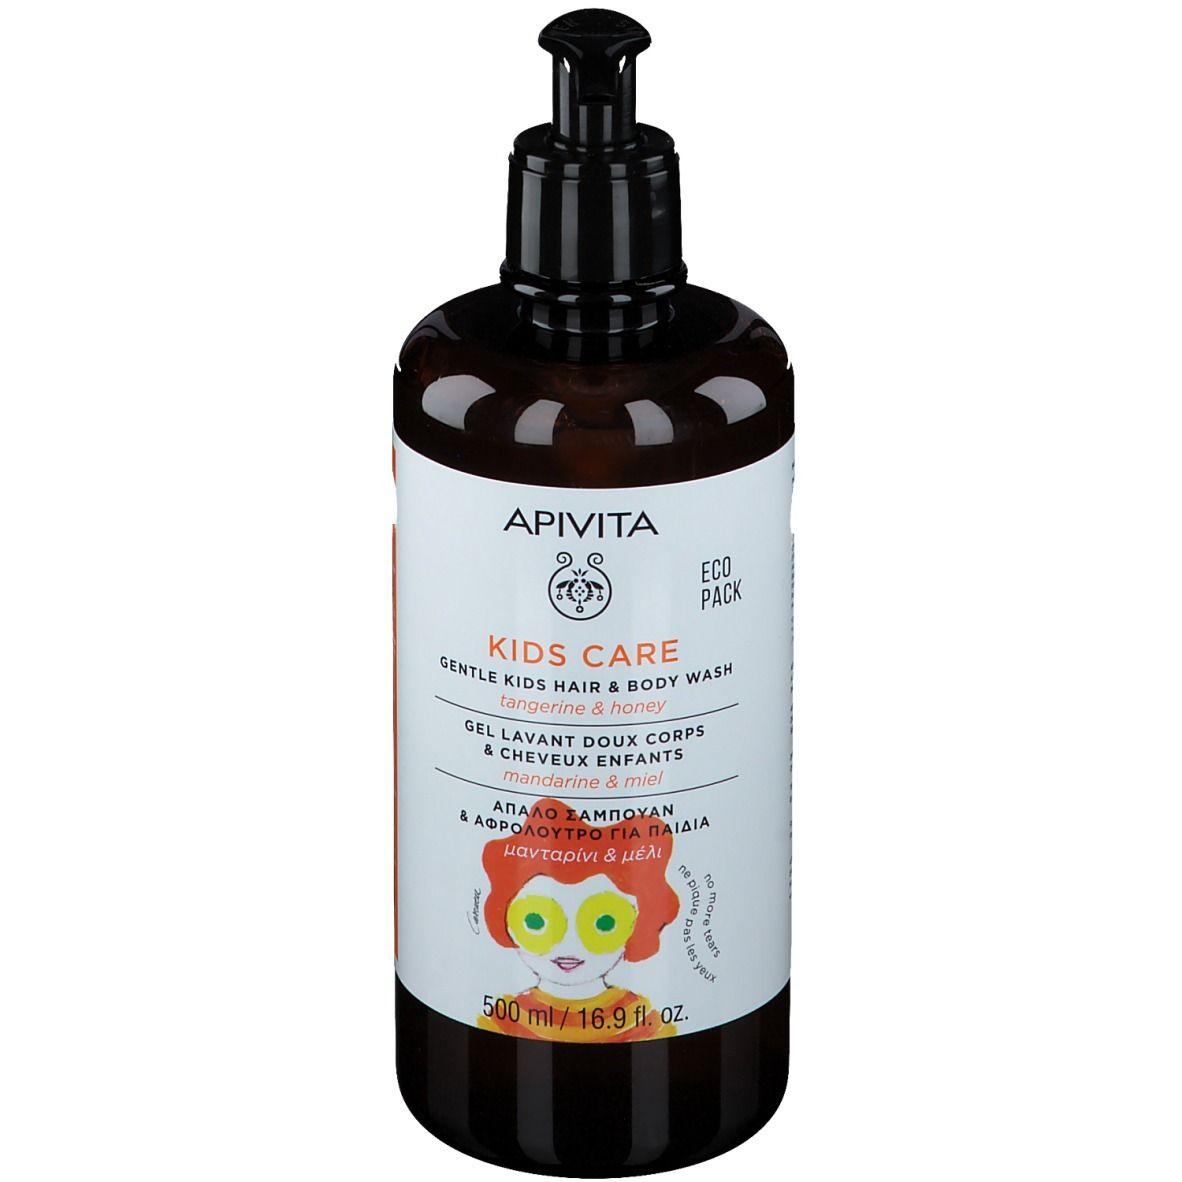 Apivita Kids Care Gel Lavant Doux Cheveux & Corps - Mandarine & Miel ml gel nettoyant